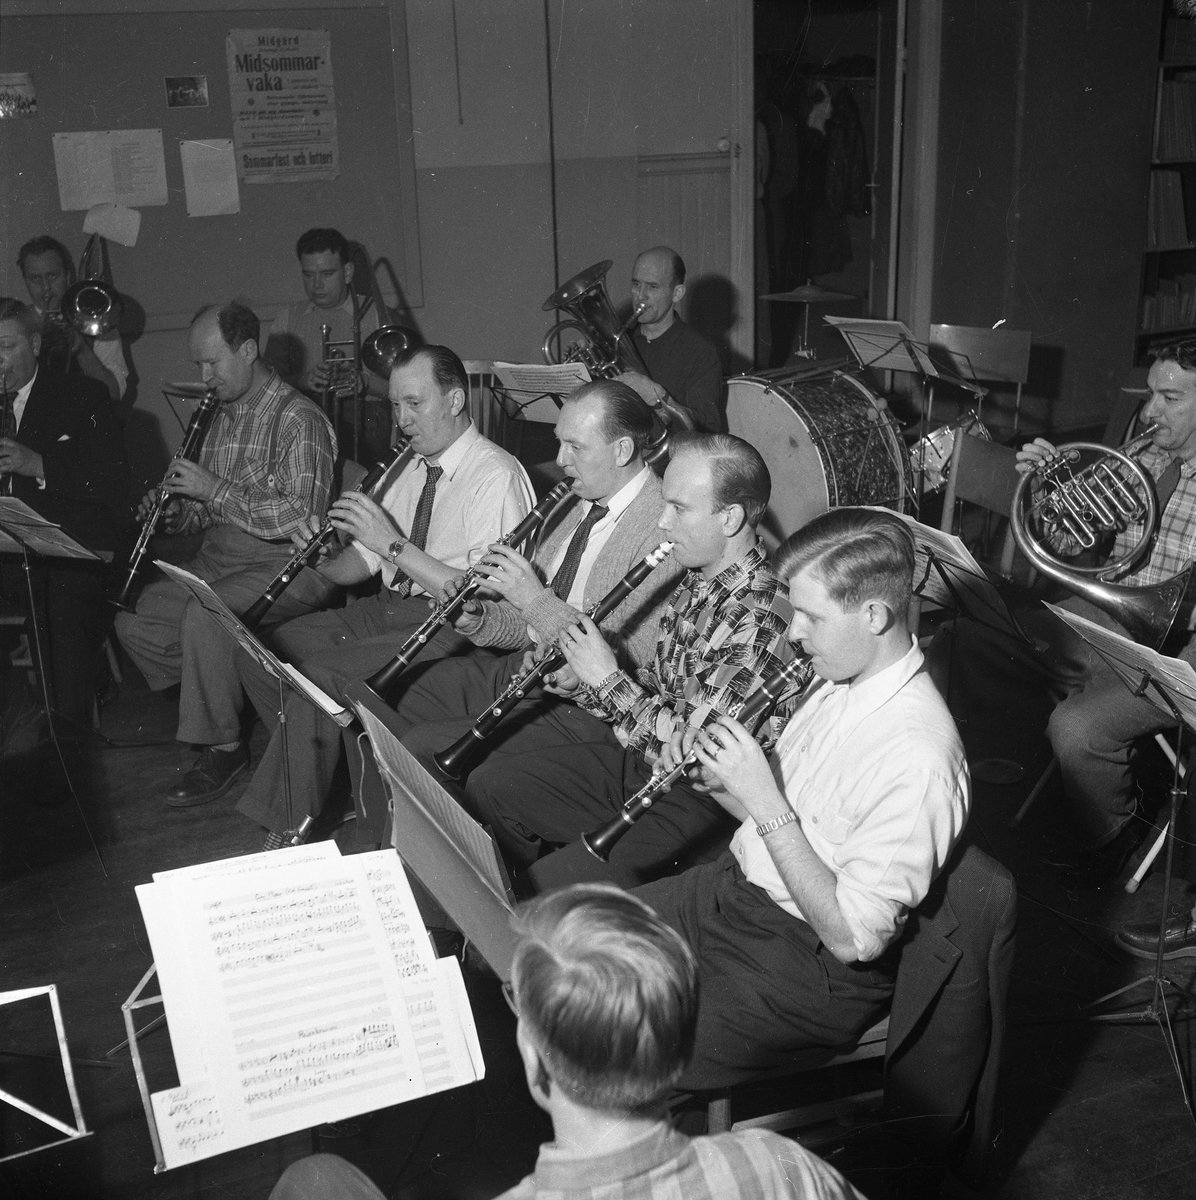 Arboga Blåsorkester repeterar.  Bakre raden, från vänster: okänd (trombon), okänd (trombon), Martin Sköld (trombon) och okänd (valthorn). Främre raden, från vänster:  okänd (klarinett), Herman Fält (klarinett), Karl Rataama (klarinett), okänd (klarinett), okänd (klarinett) och Lars Lennbom (klarinett) Instruktör, för orkestern, är musikdirektör Yngve Kjerrgren, från I 3 Örebro (inte med på bilden)  Män med tromboner och klarinetter, notställ och noter. 1950-talet